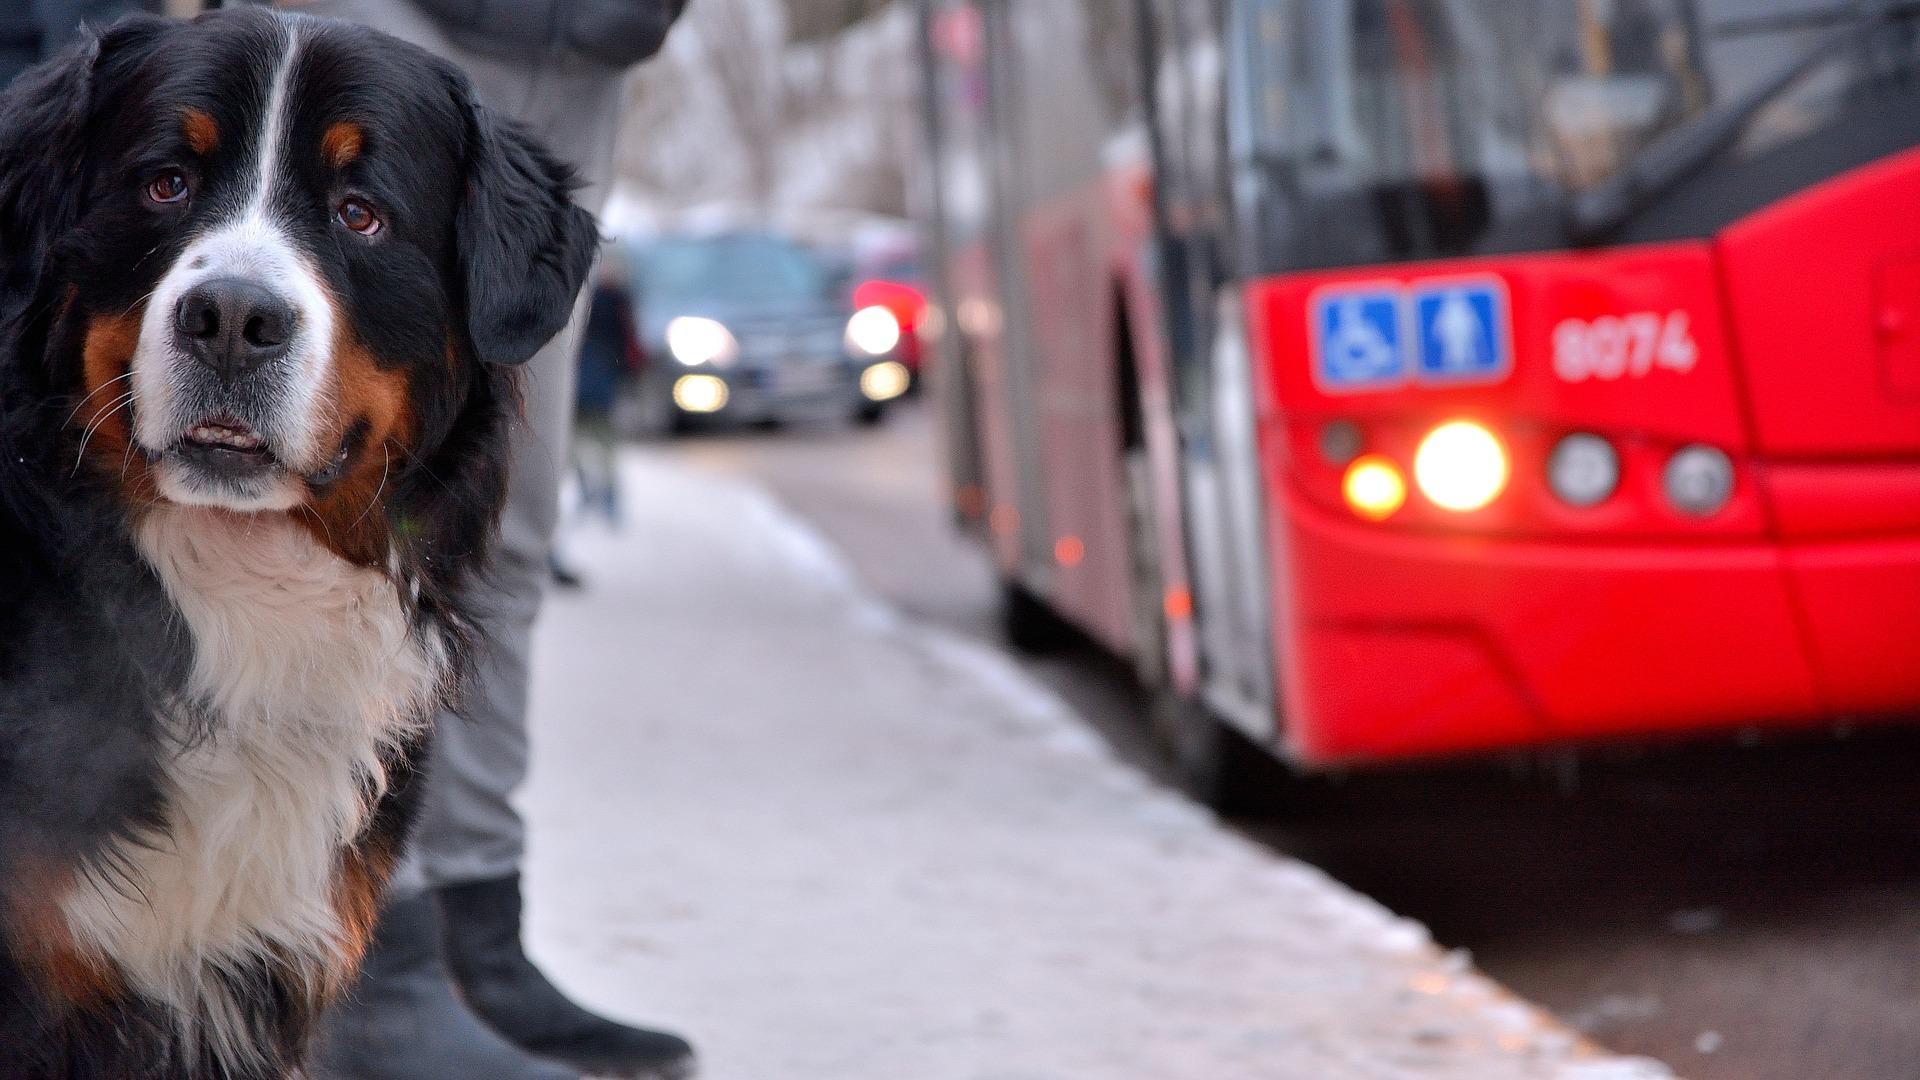 trasportare animali in autobus